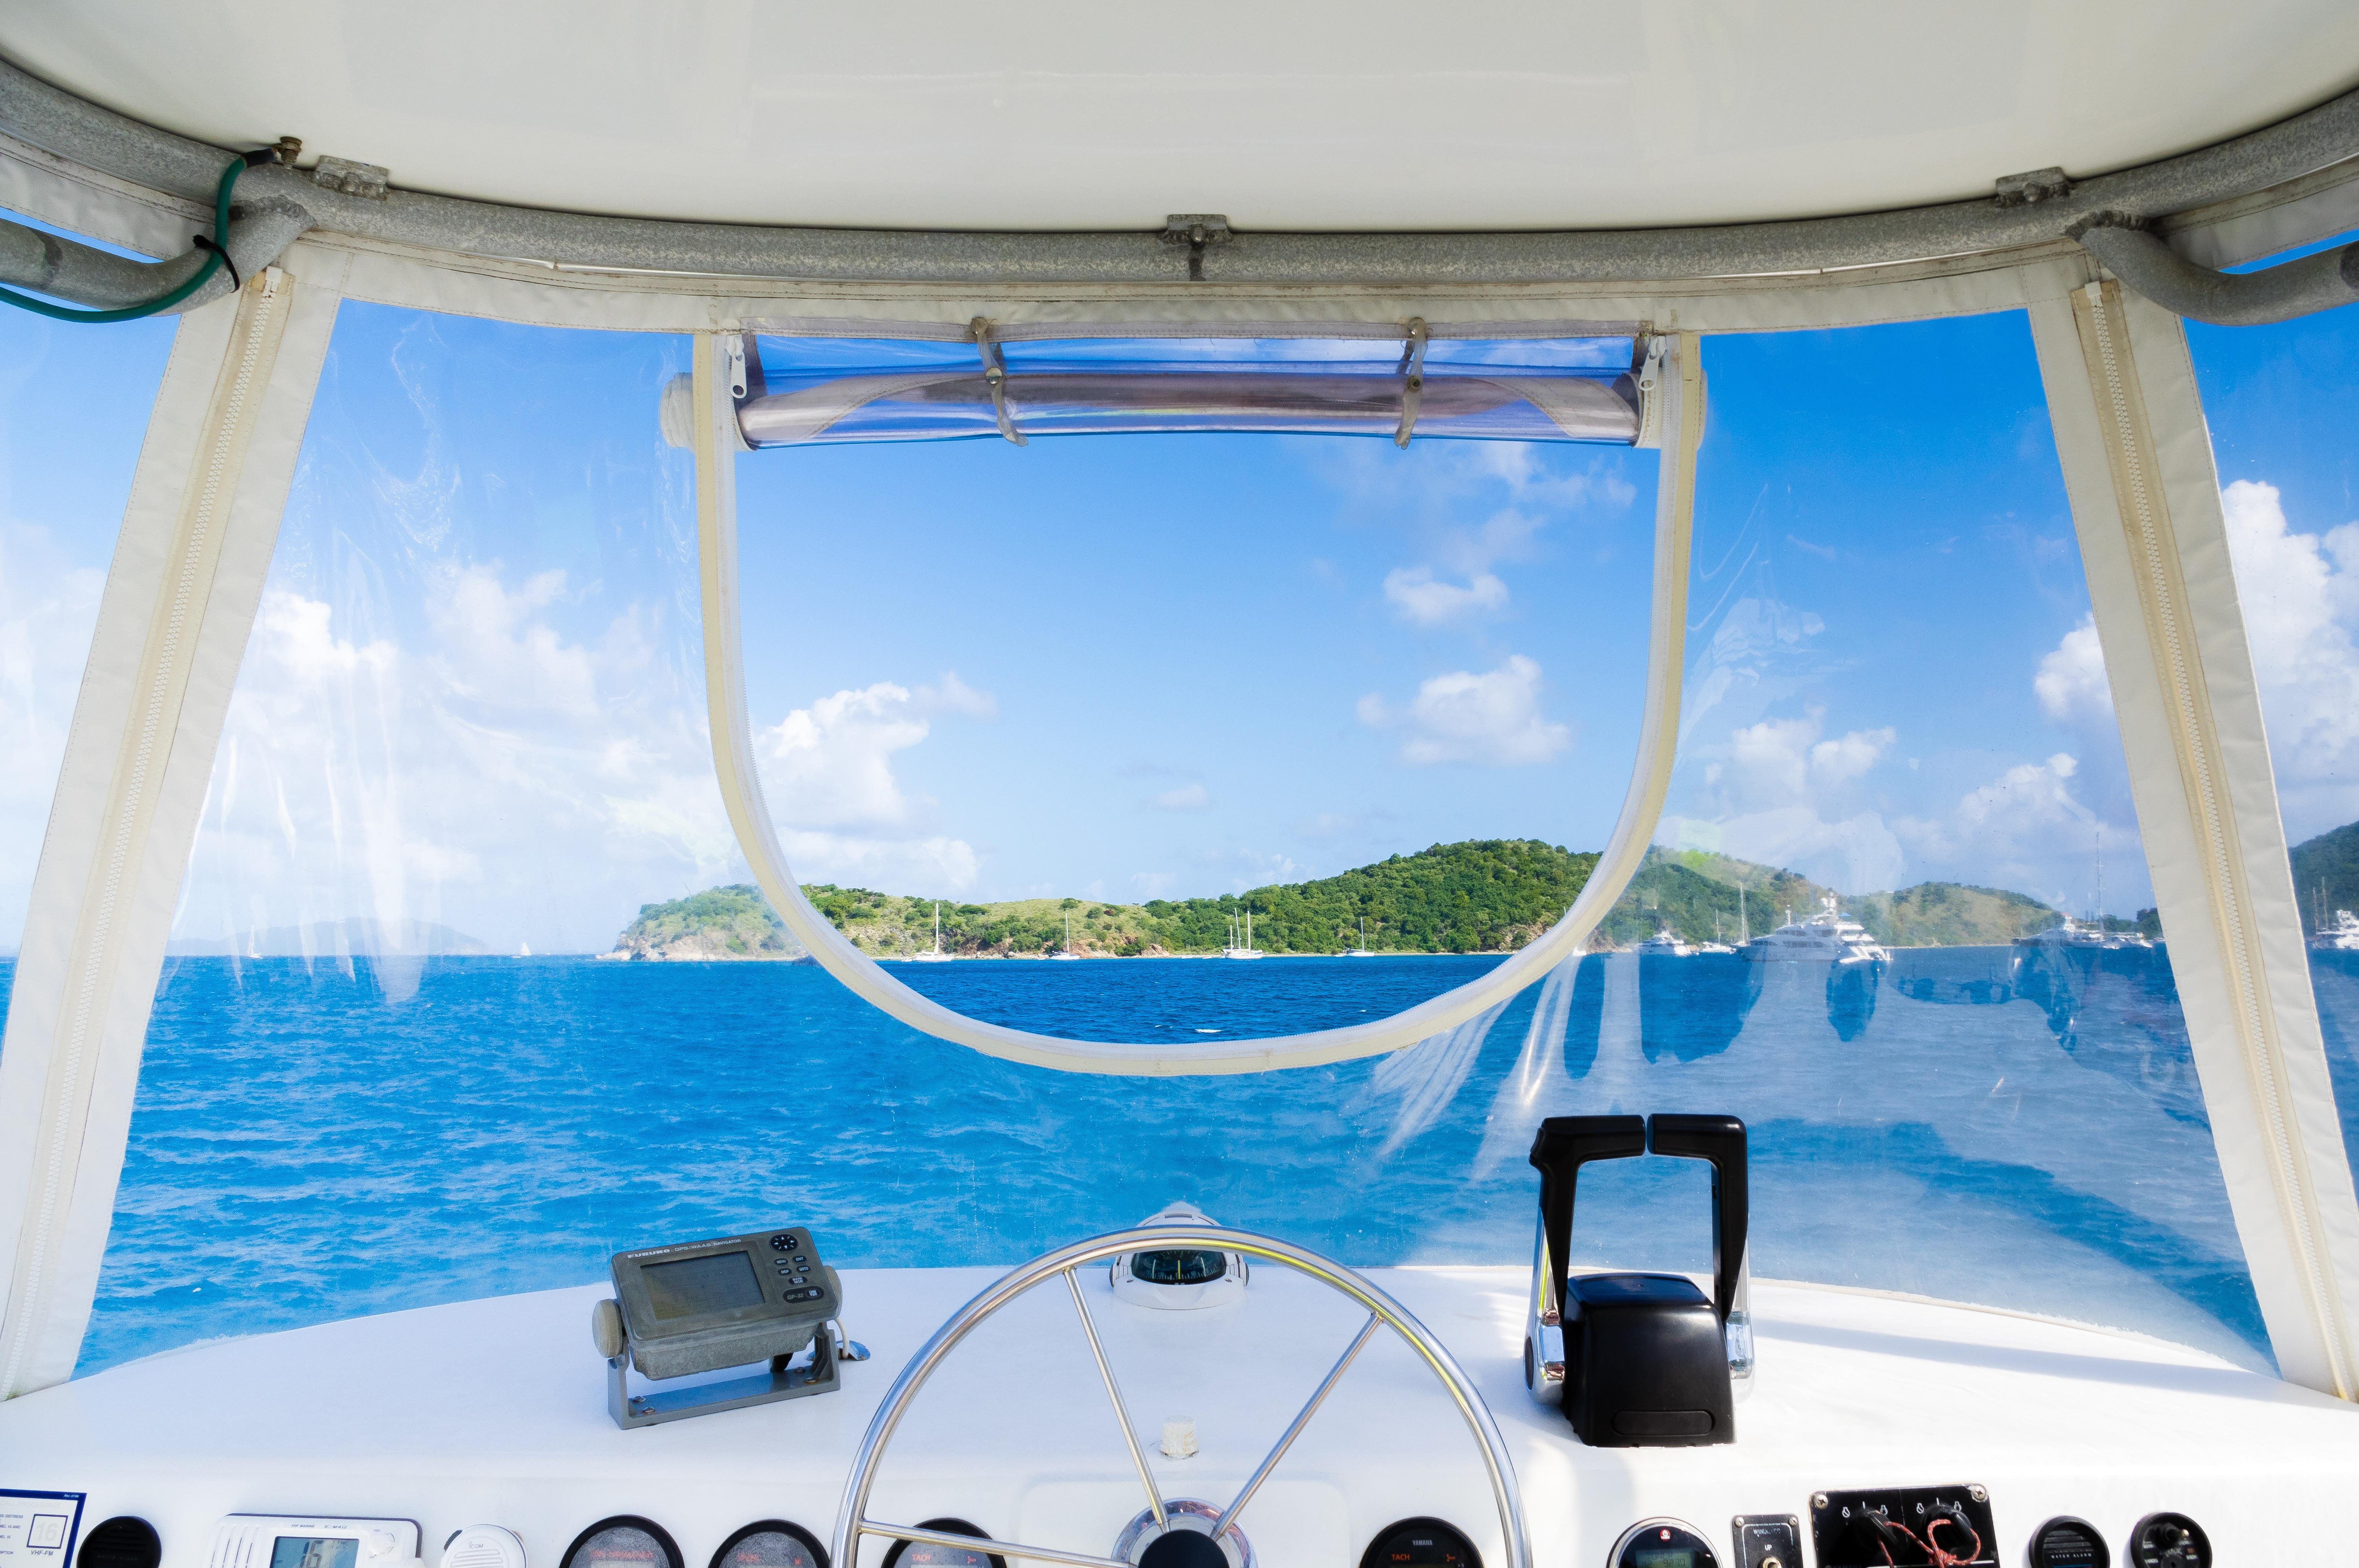 Bekannt Bootsreinigung- Das richtige putzen des Bootes | Putzen.net AV95